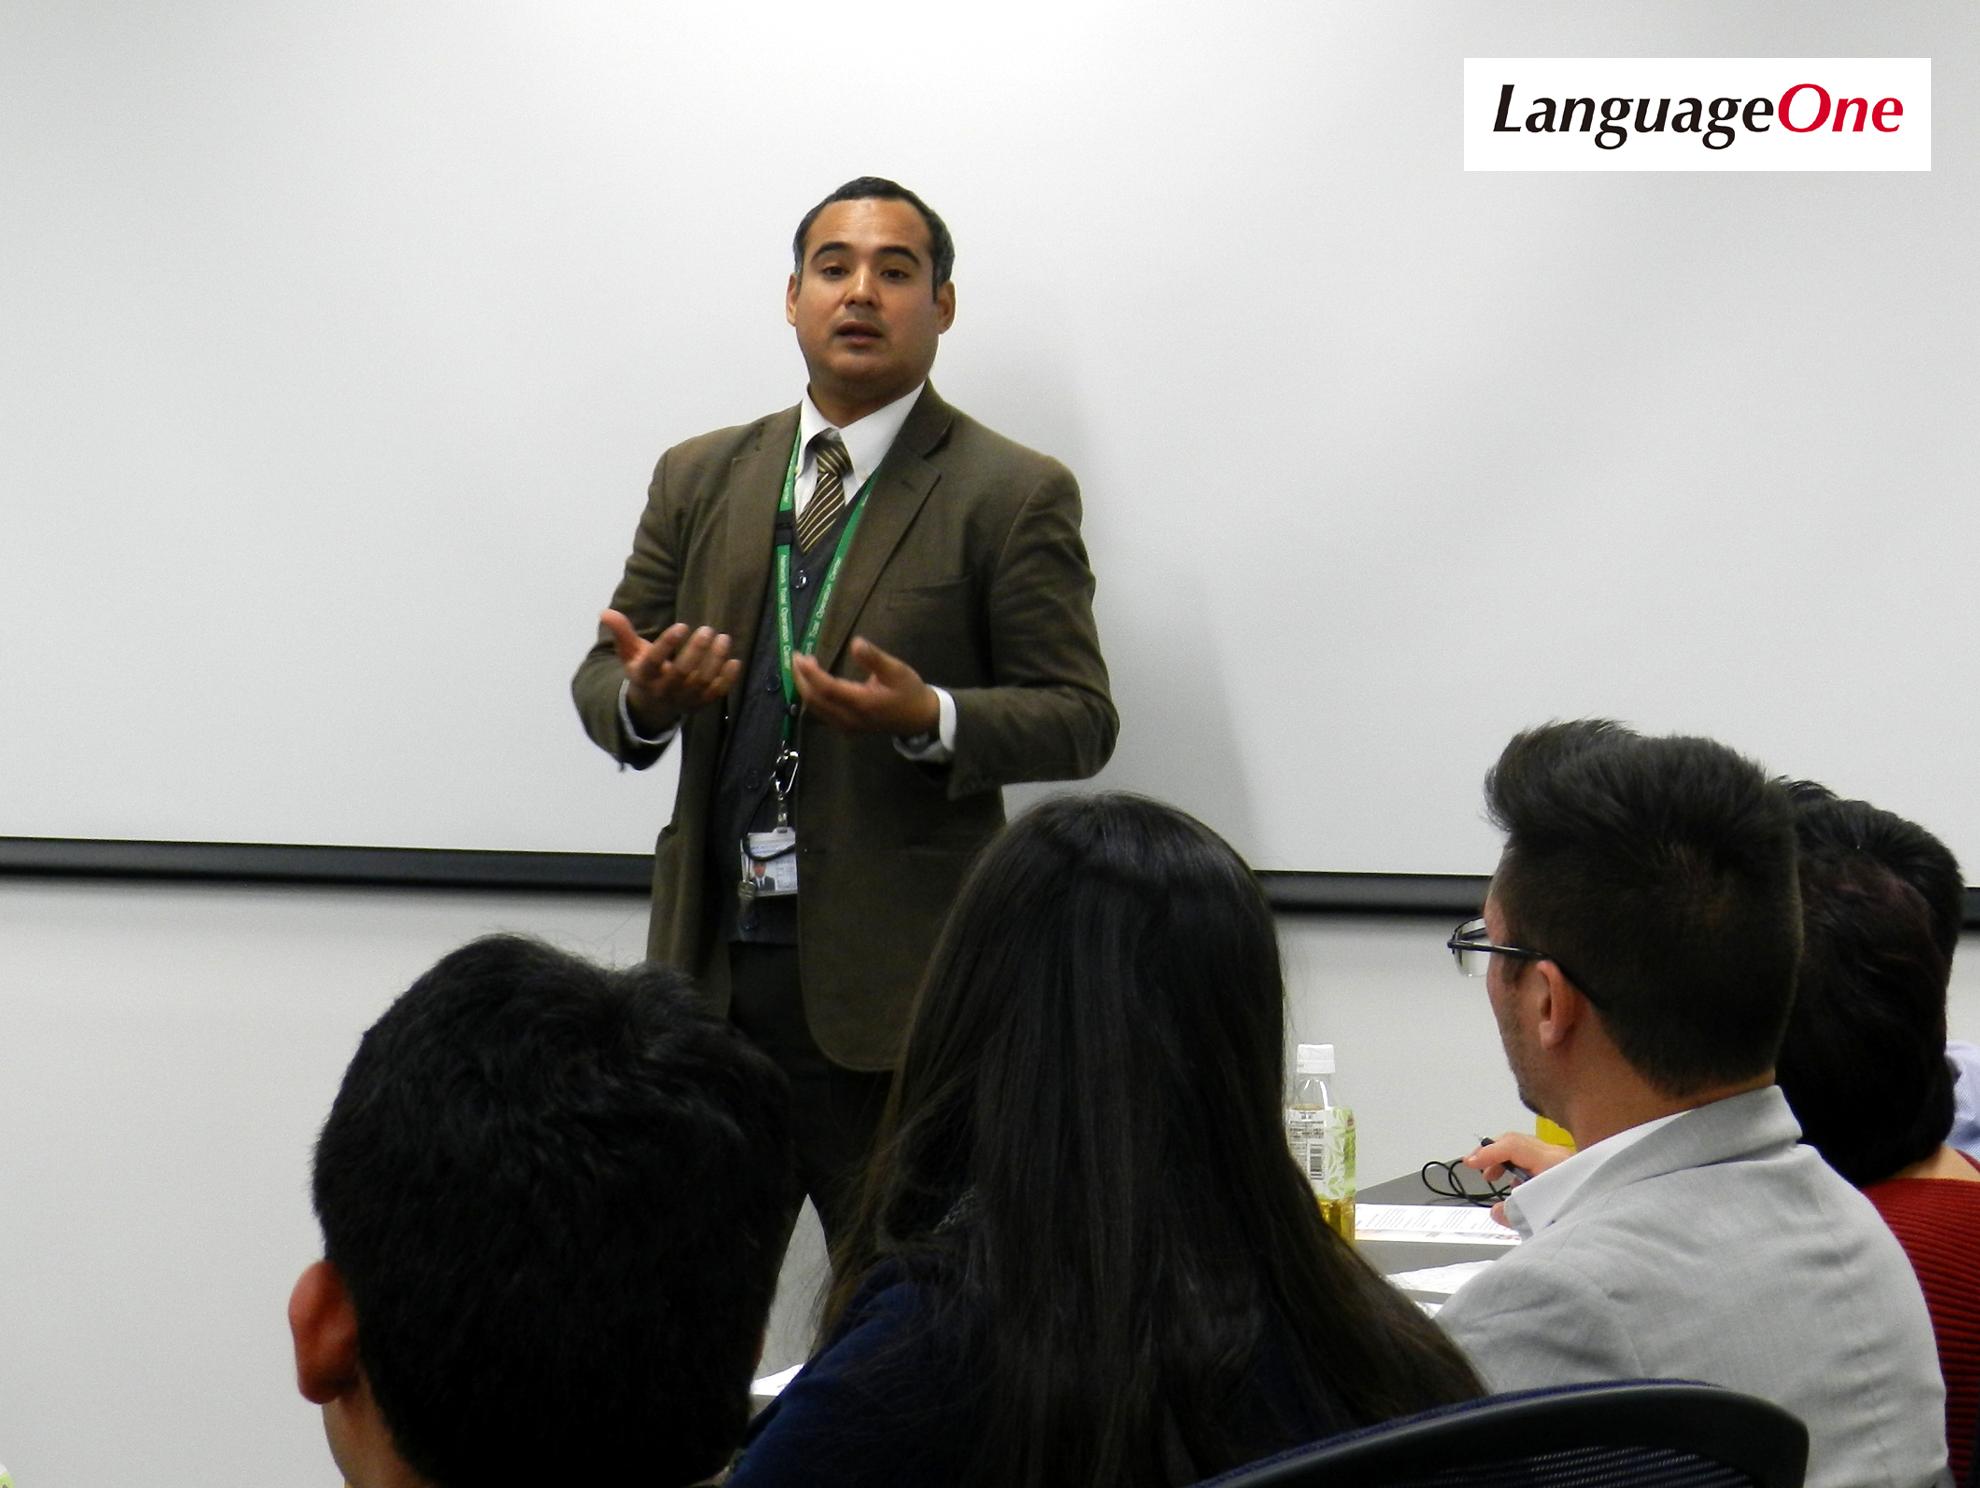 ランゲージワンのカブレホス・セサル社員が、外務省の Juntos!!プログラムで招へいされた20名に、自身の経験と医療通訳への想いについて講演いたしました